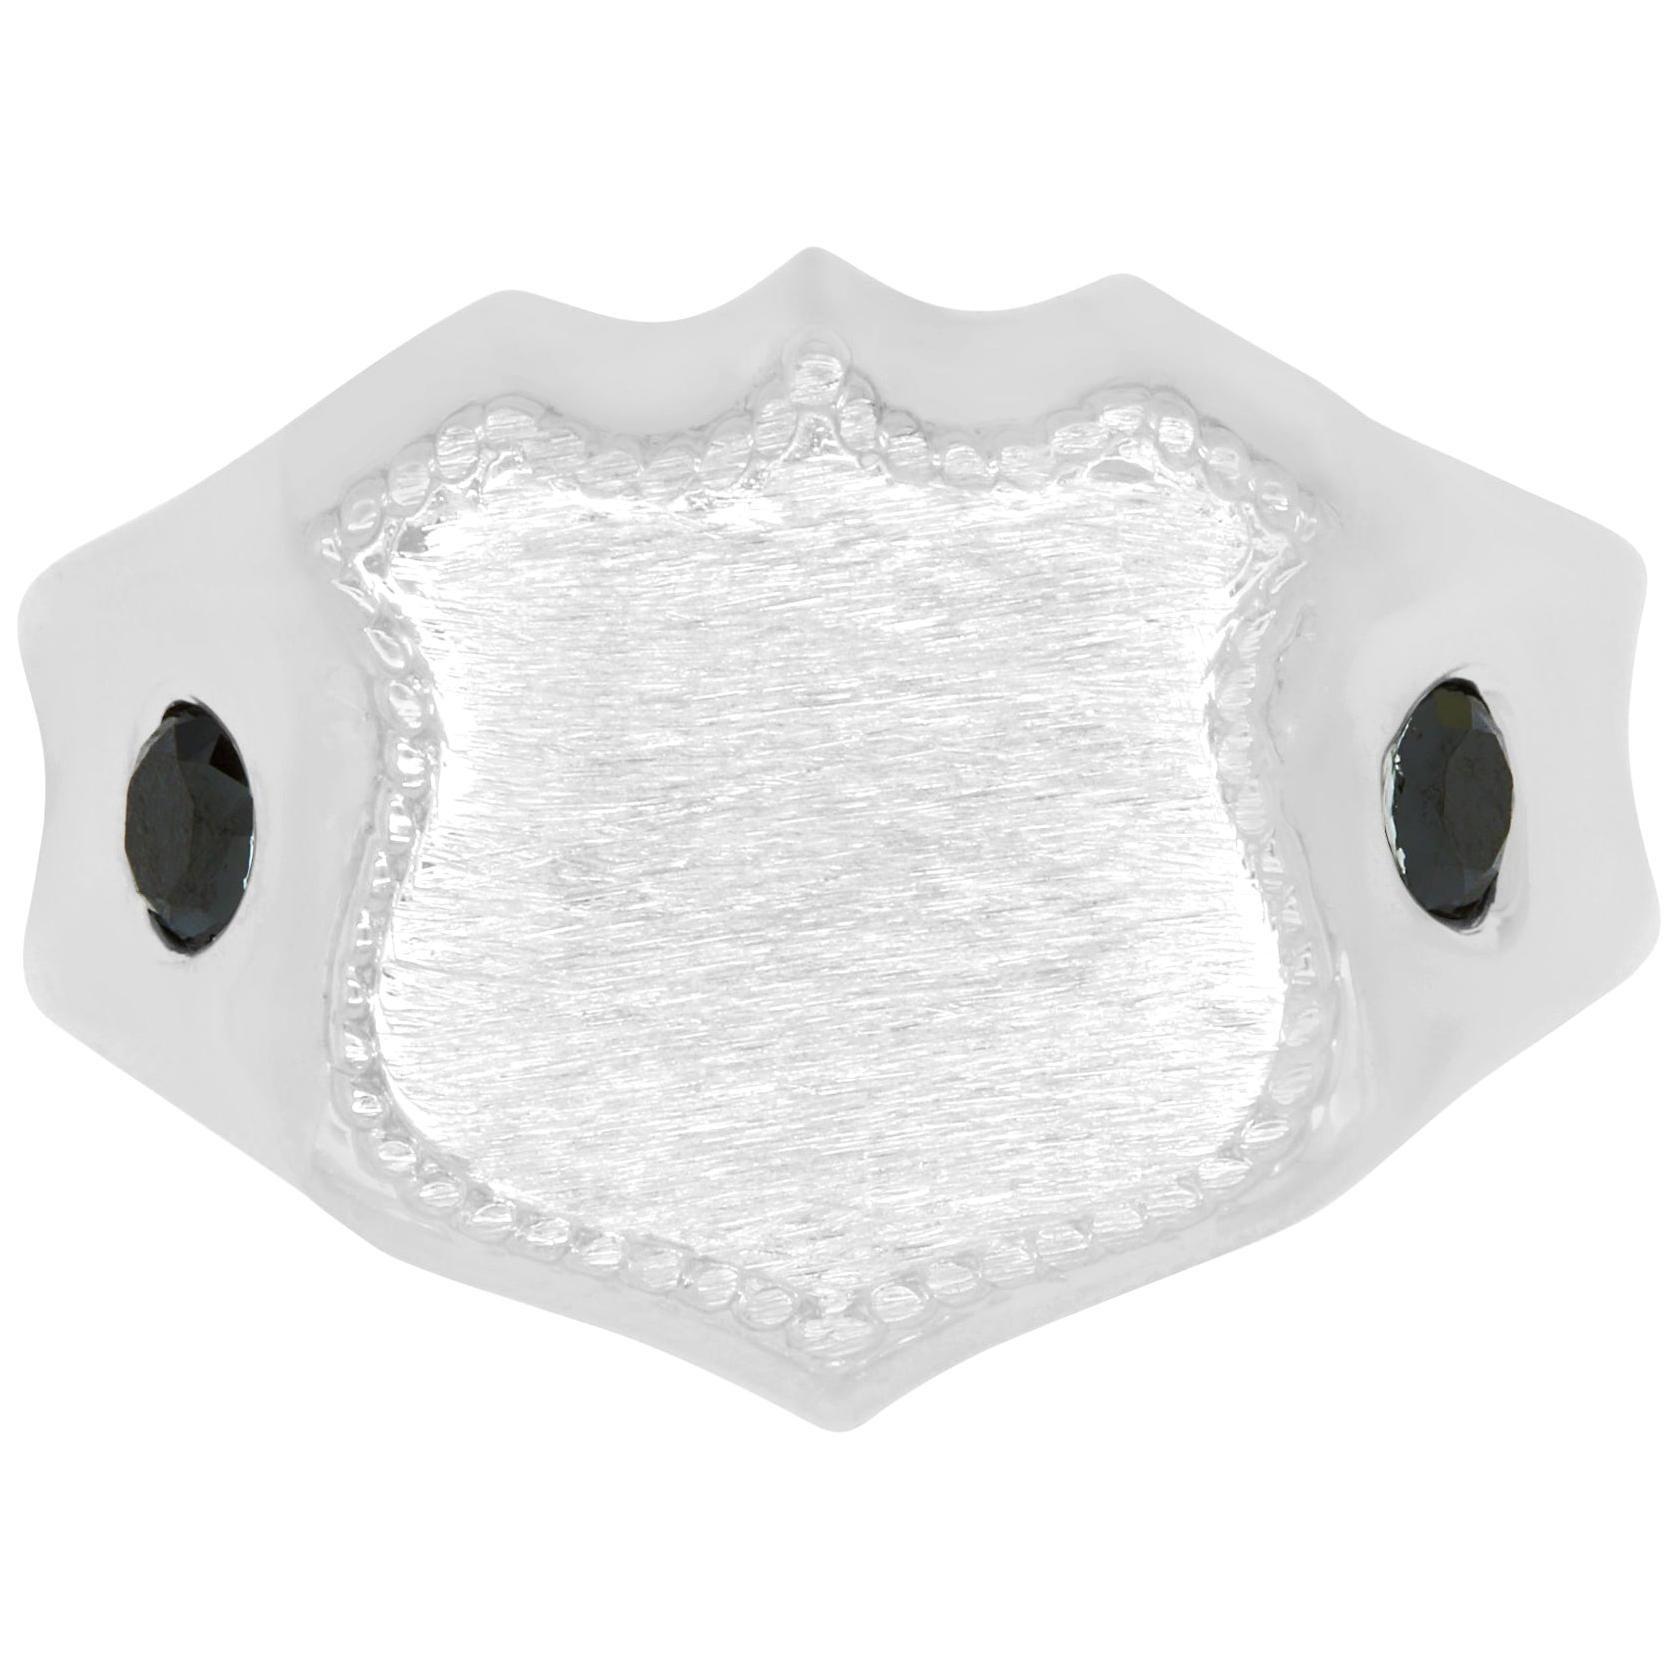 Men's 14 Karat White Gold Shield Ring